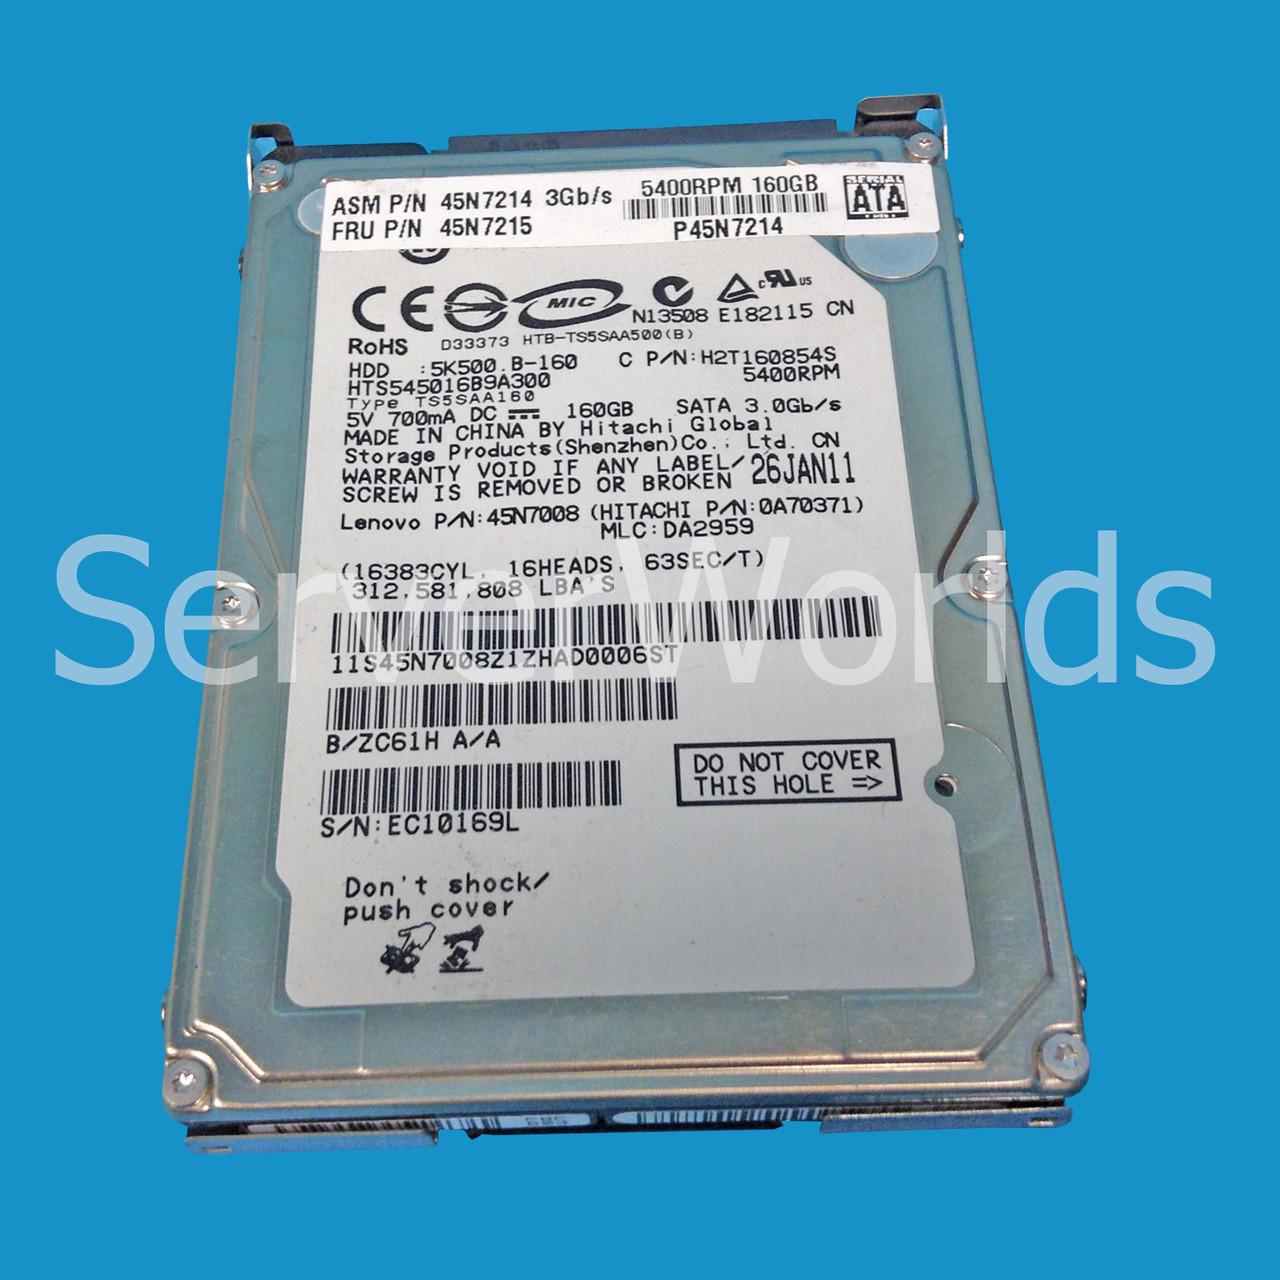 Ibm 45n7214 160gb 25 5400rpm Sata Hard Drive Serverworlds Hdd 160 Gb Like New Image 1